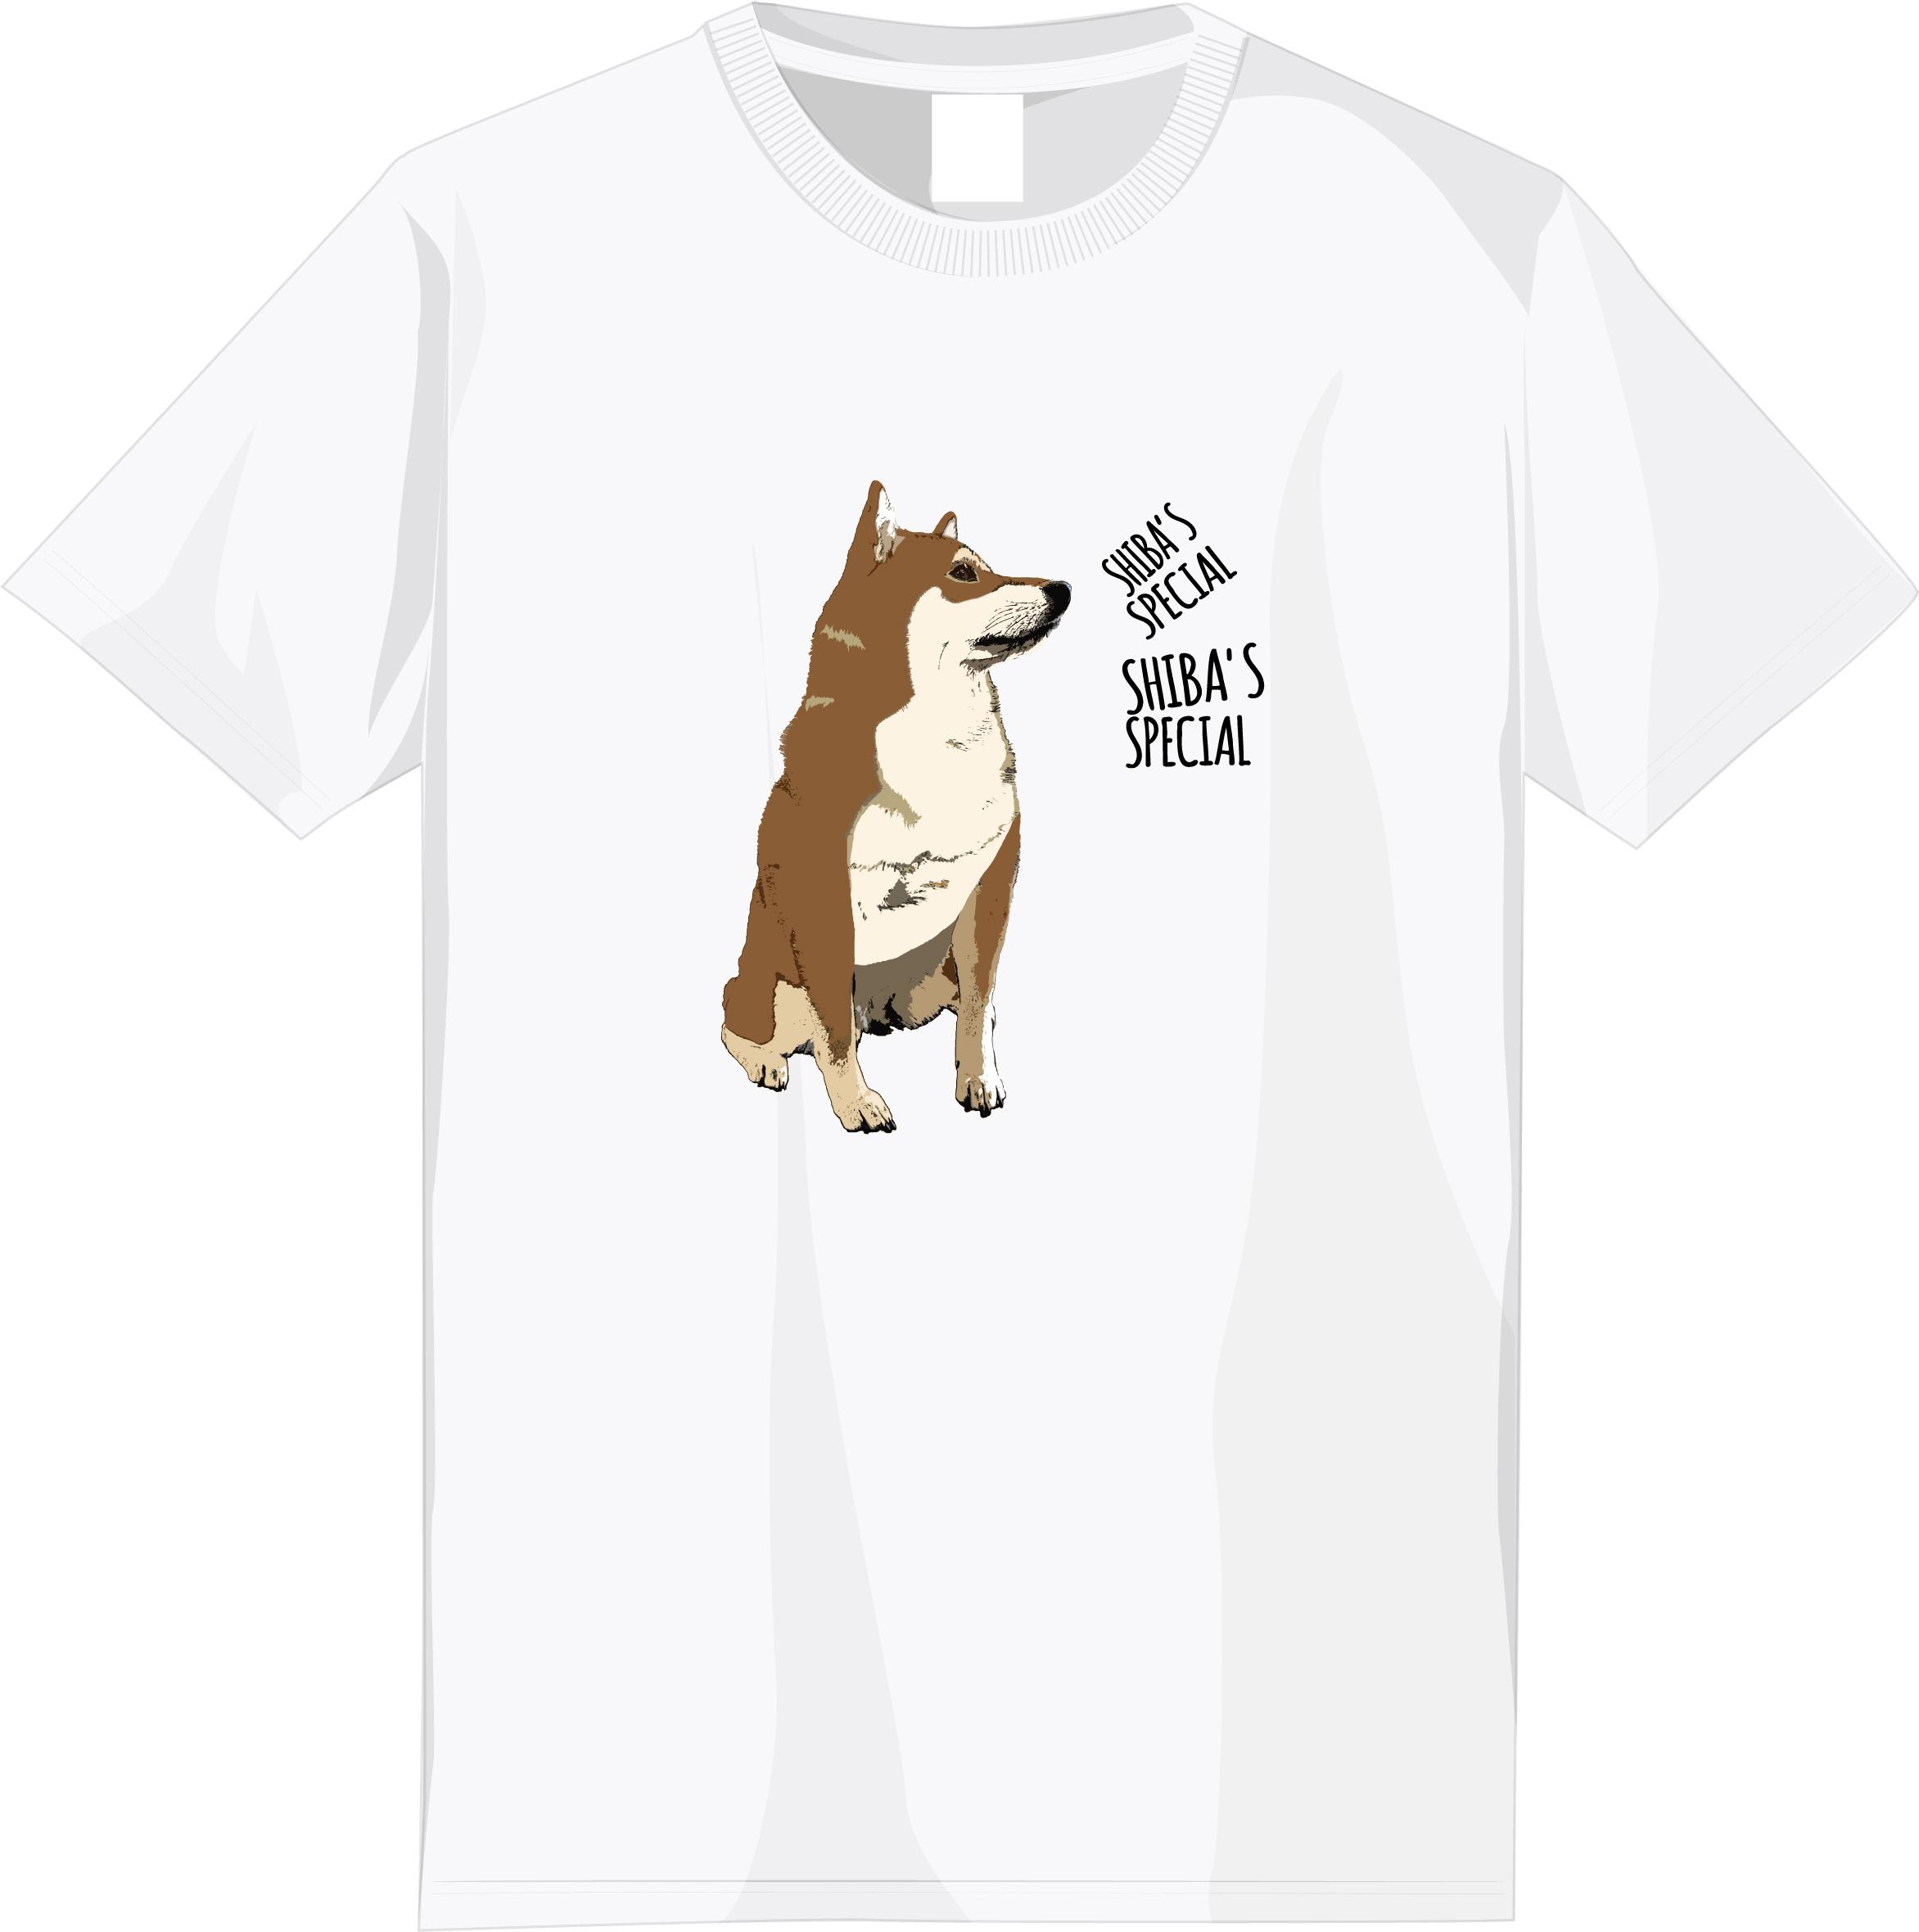 【期間限定受注】選べる全6種!フルカラー柴犬デザインTシャツ<③:赤柴文字ありタイプ>